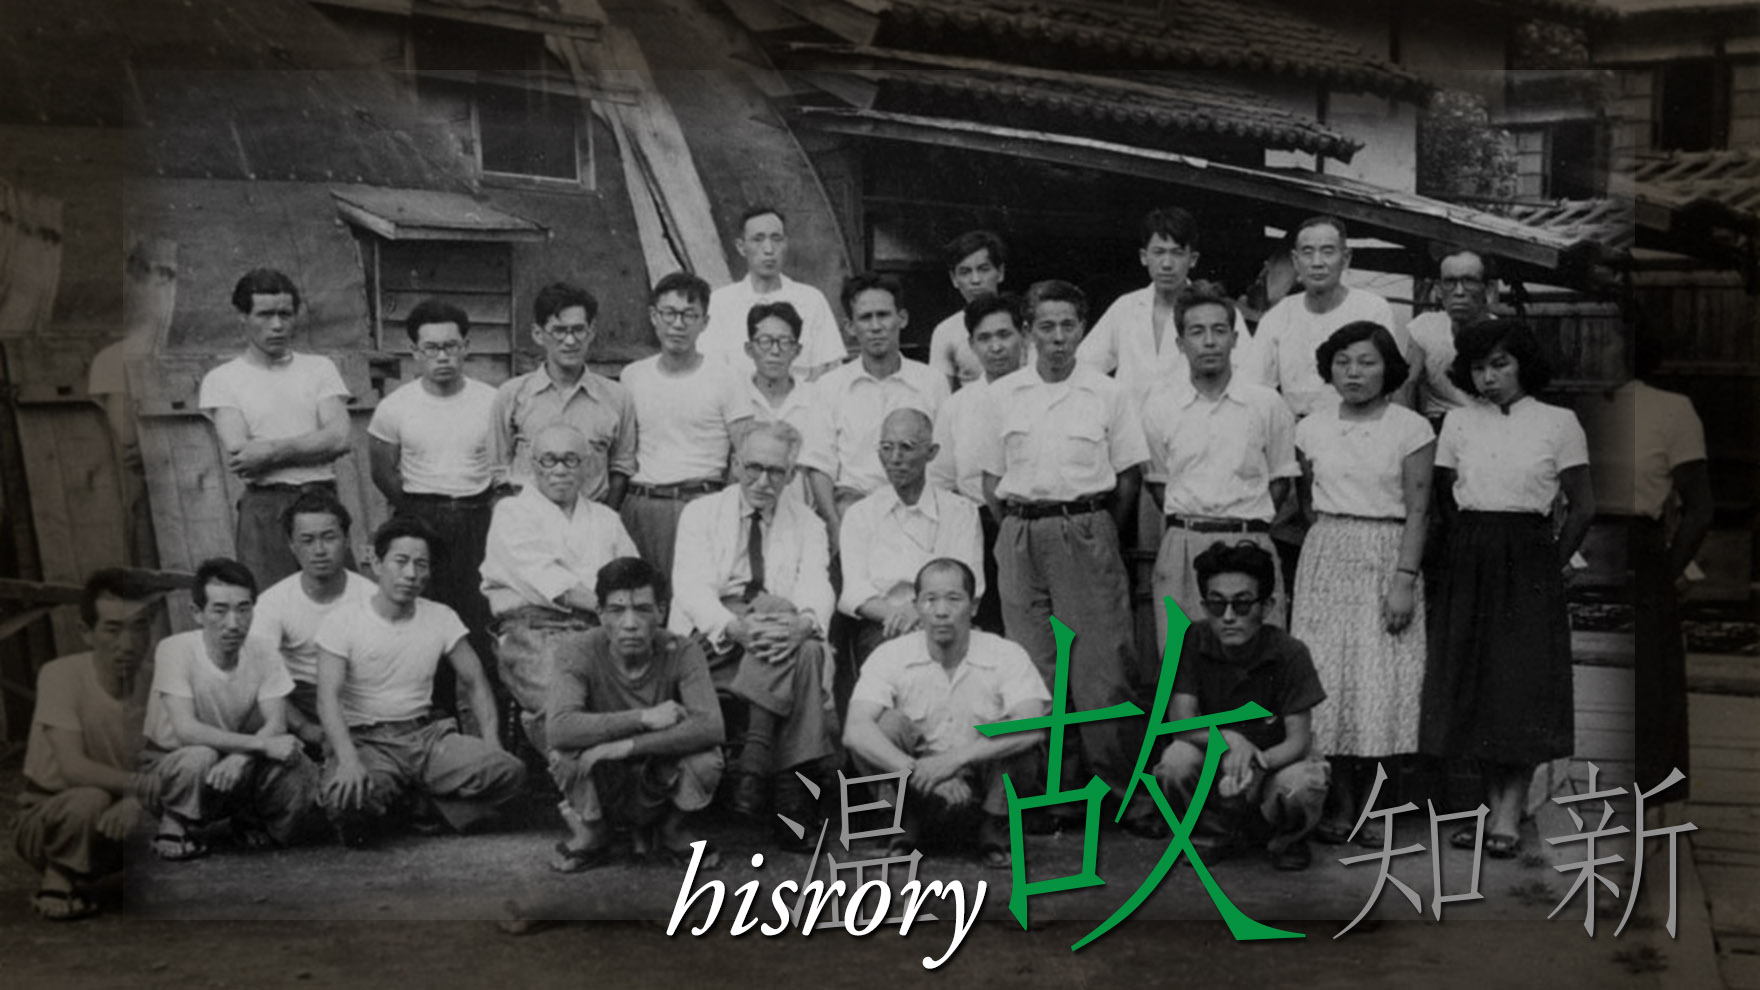 故 -history-